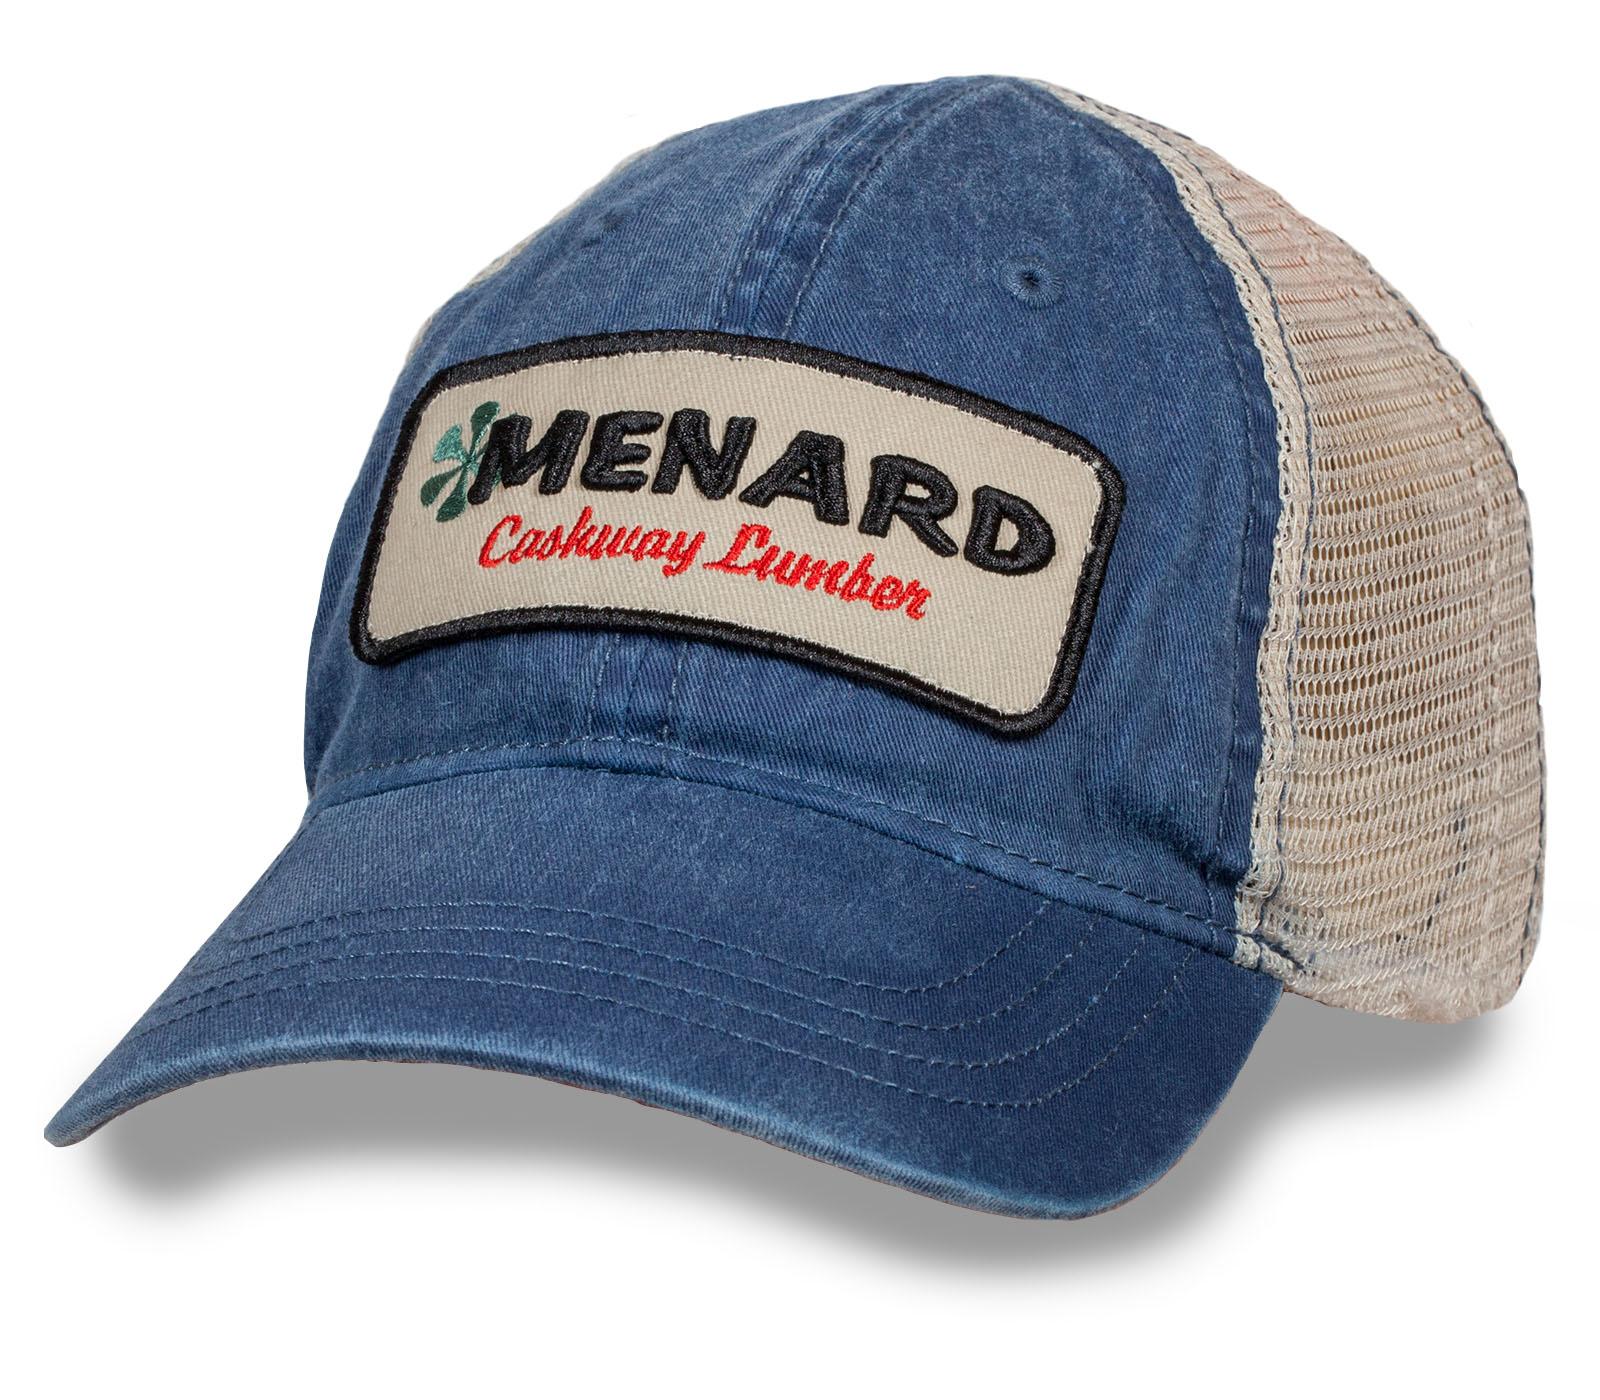 Повседневная дешевая джинсовая бейсболка гонять туда - сюда от бренда MENARD. Обязательно стоит купить! Не пожалеешь!